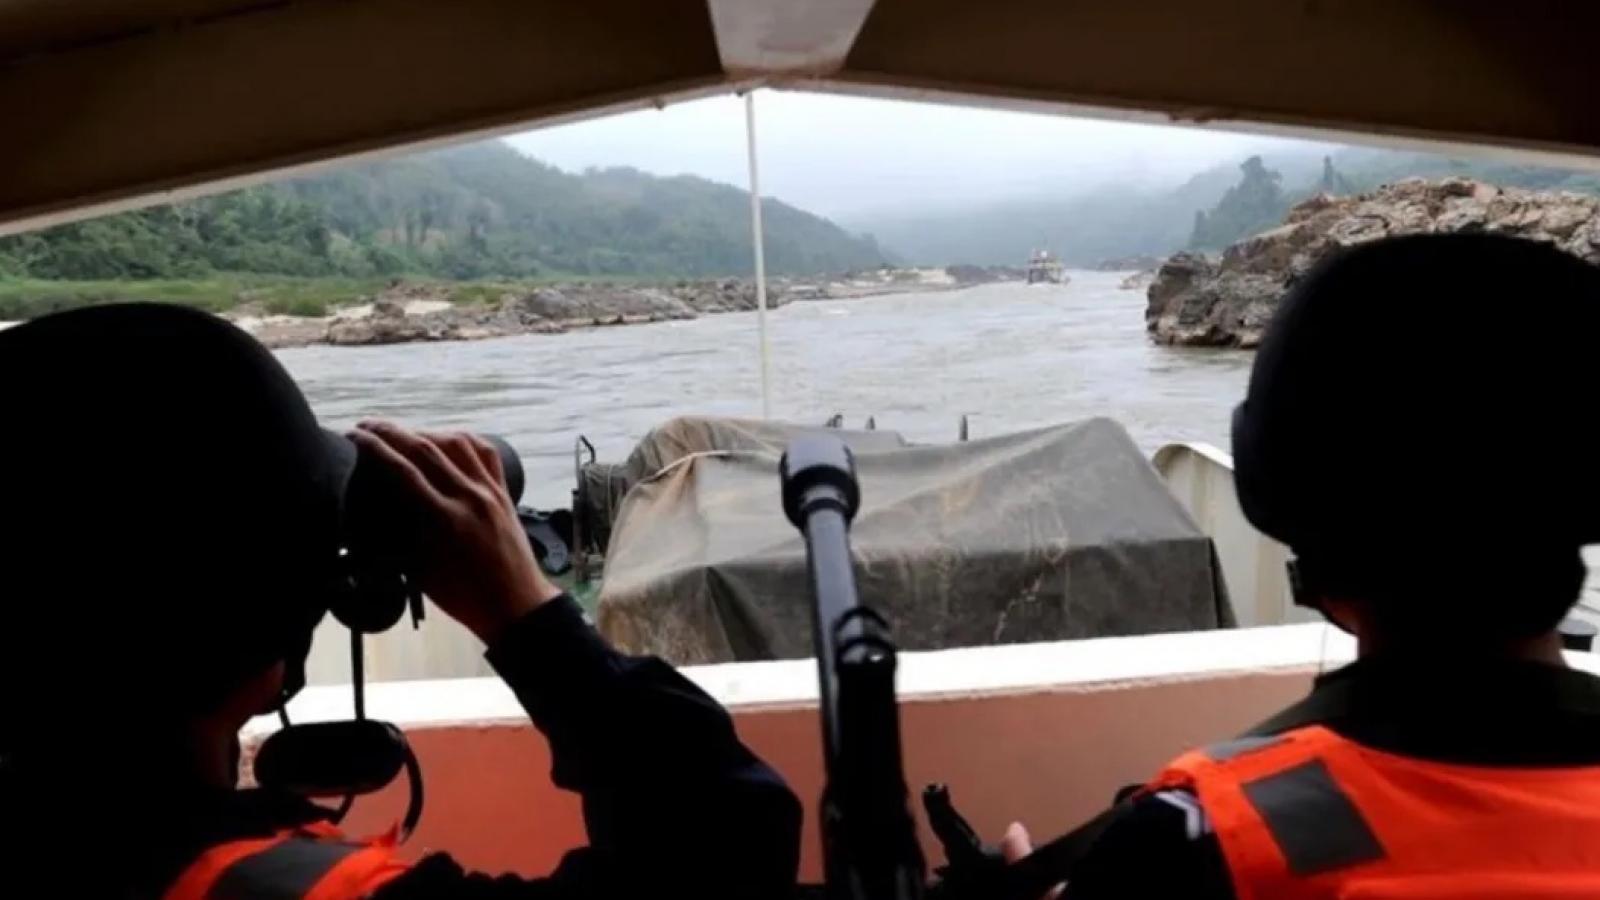 Trung Quốc và Mỹ cạnh tranh quyền lực quyết liệt trên dòng sông Mekong